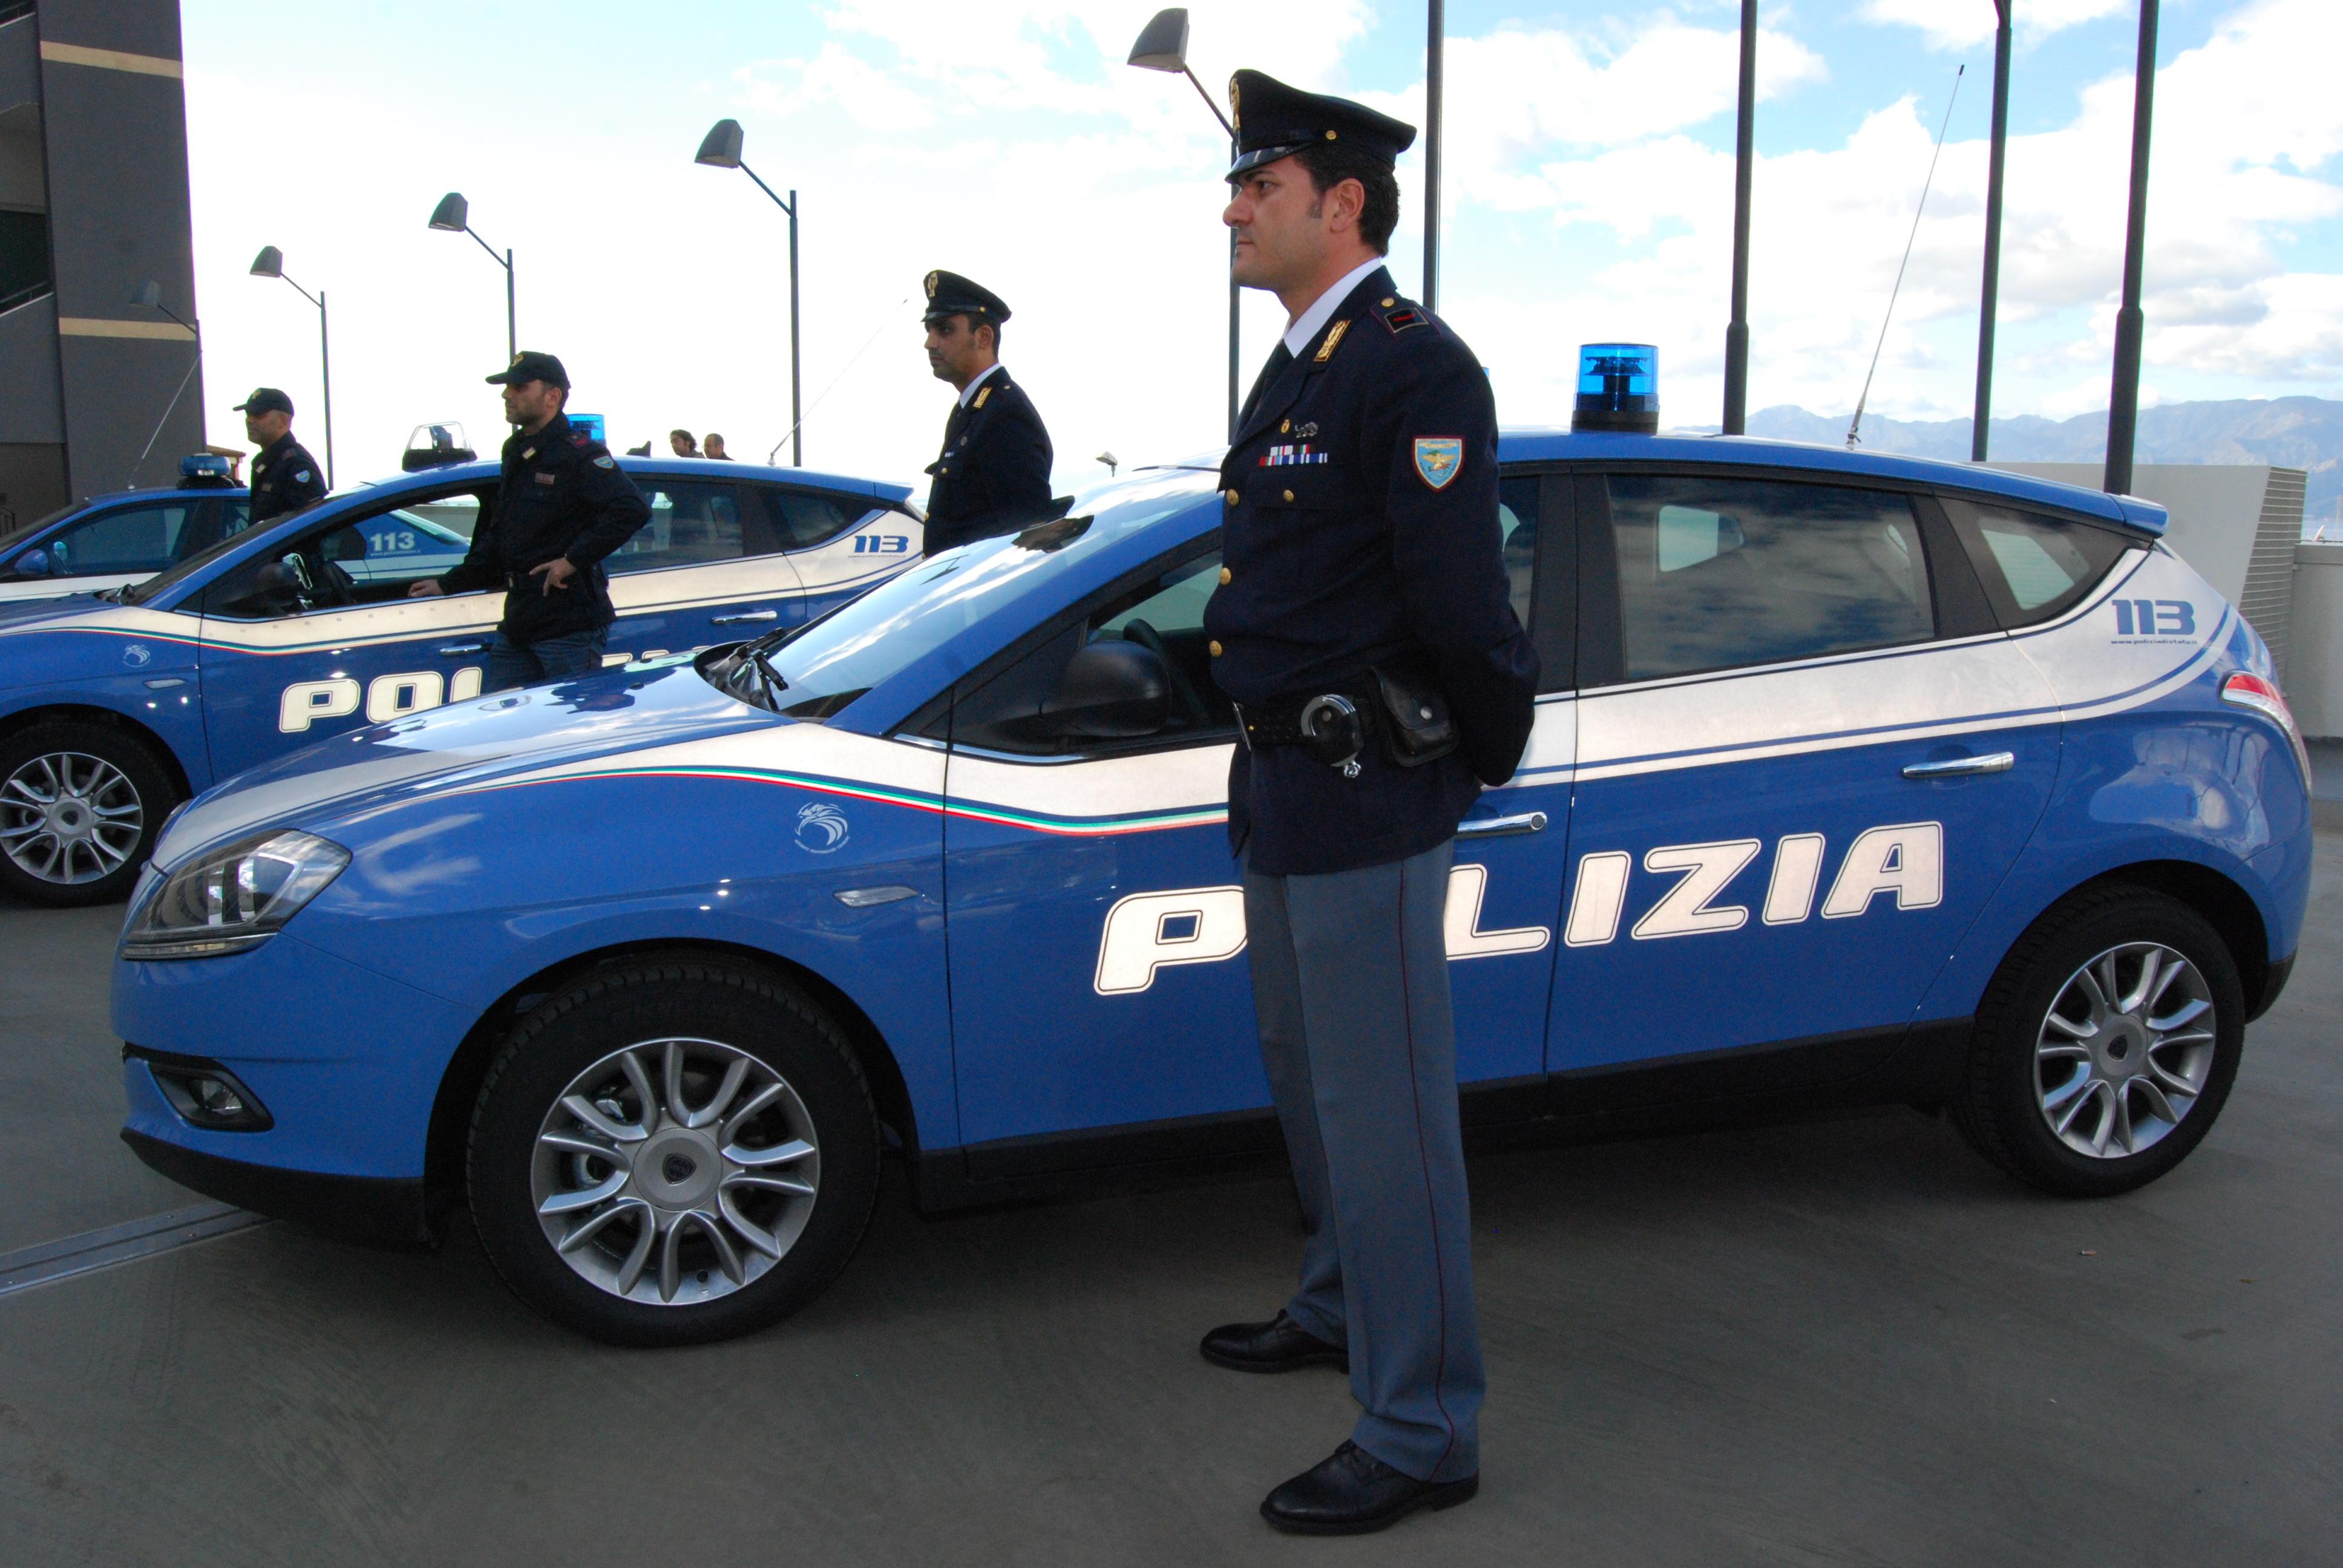 Concorso interno per 1400 posti di Vice Ispettori nella Polizia di Stato – Richiesta incontro